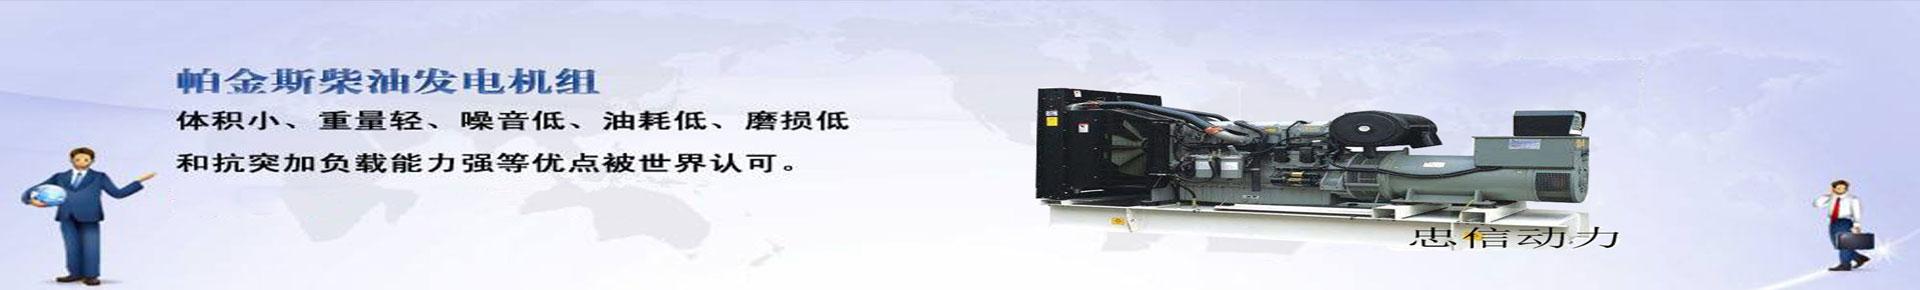 http://www.zxfdjz.cn/data/images/slide/20191019170635_920.jpg